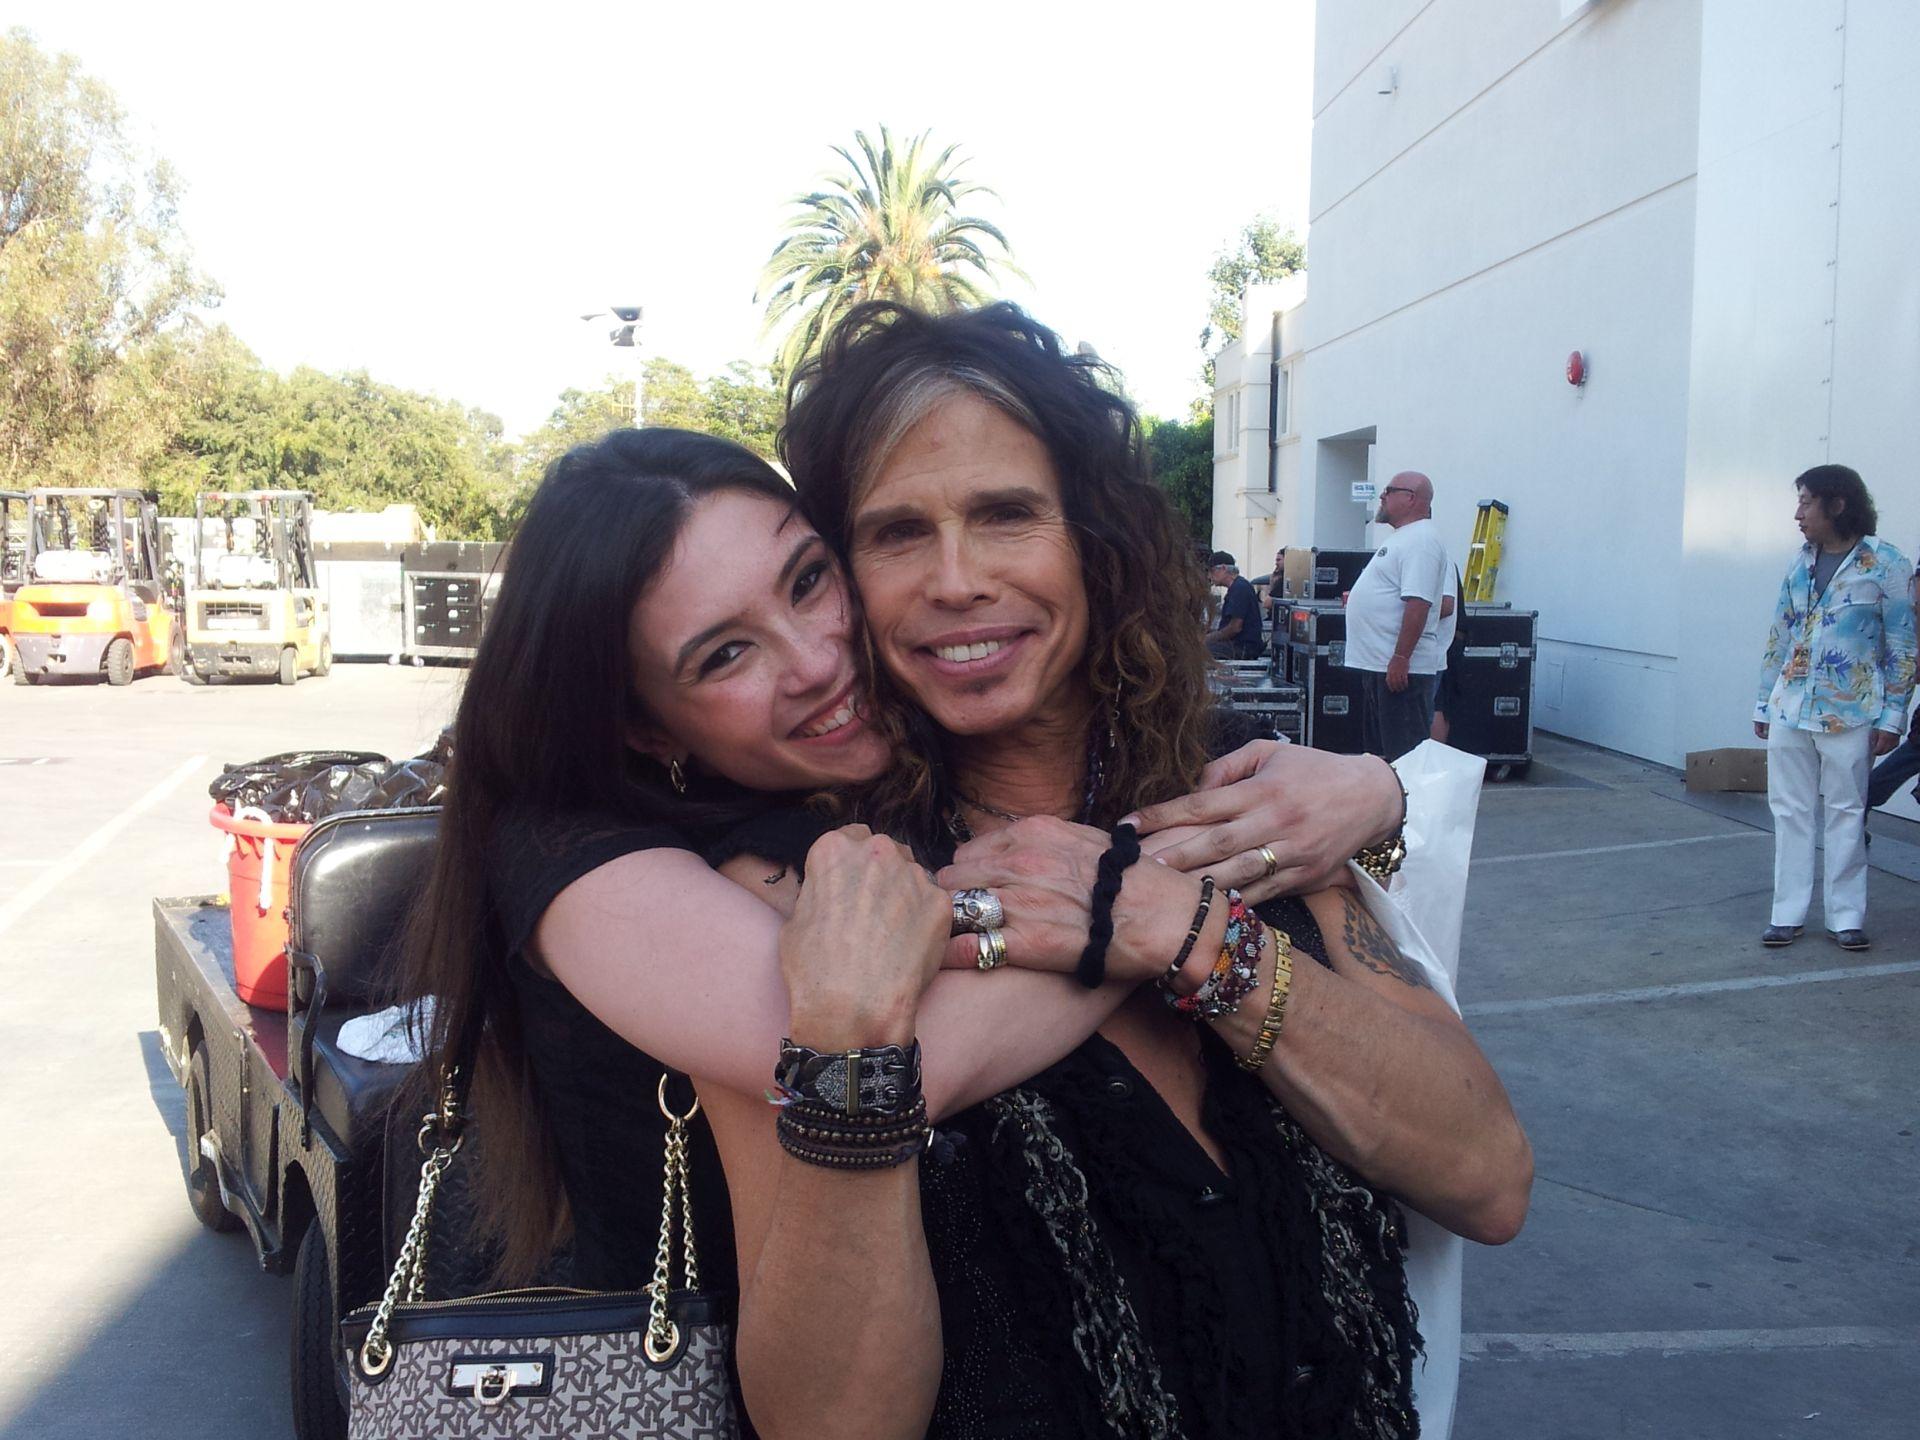 Ana com o ídolo e amigo Steven Tyler, da banda Aerosmith. Foto: Arquivo pessoal.